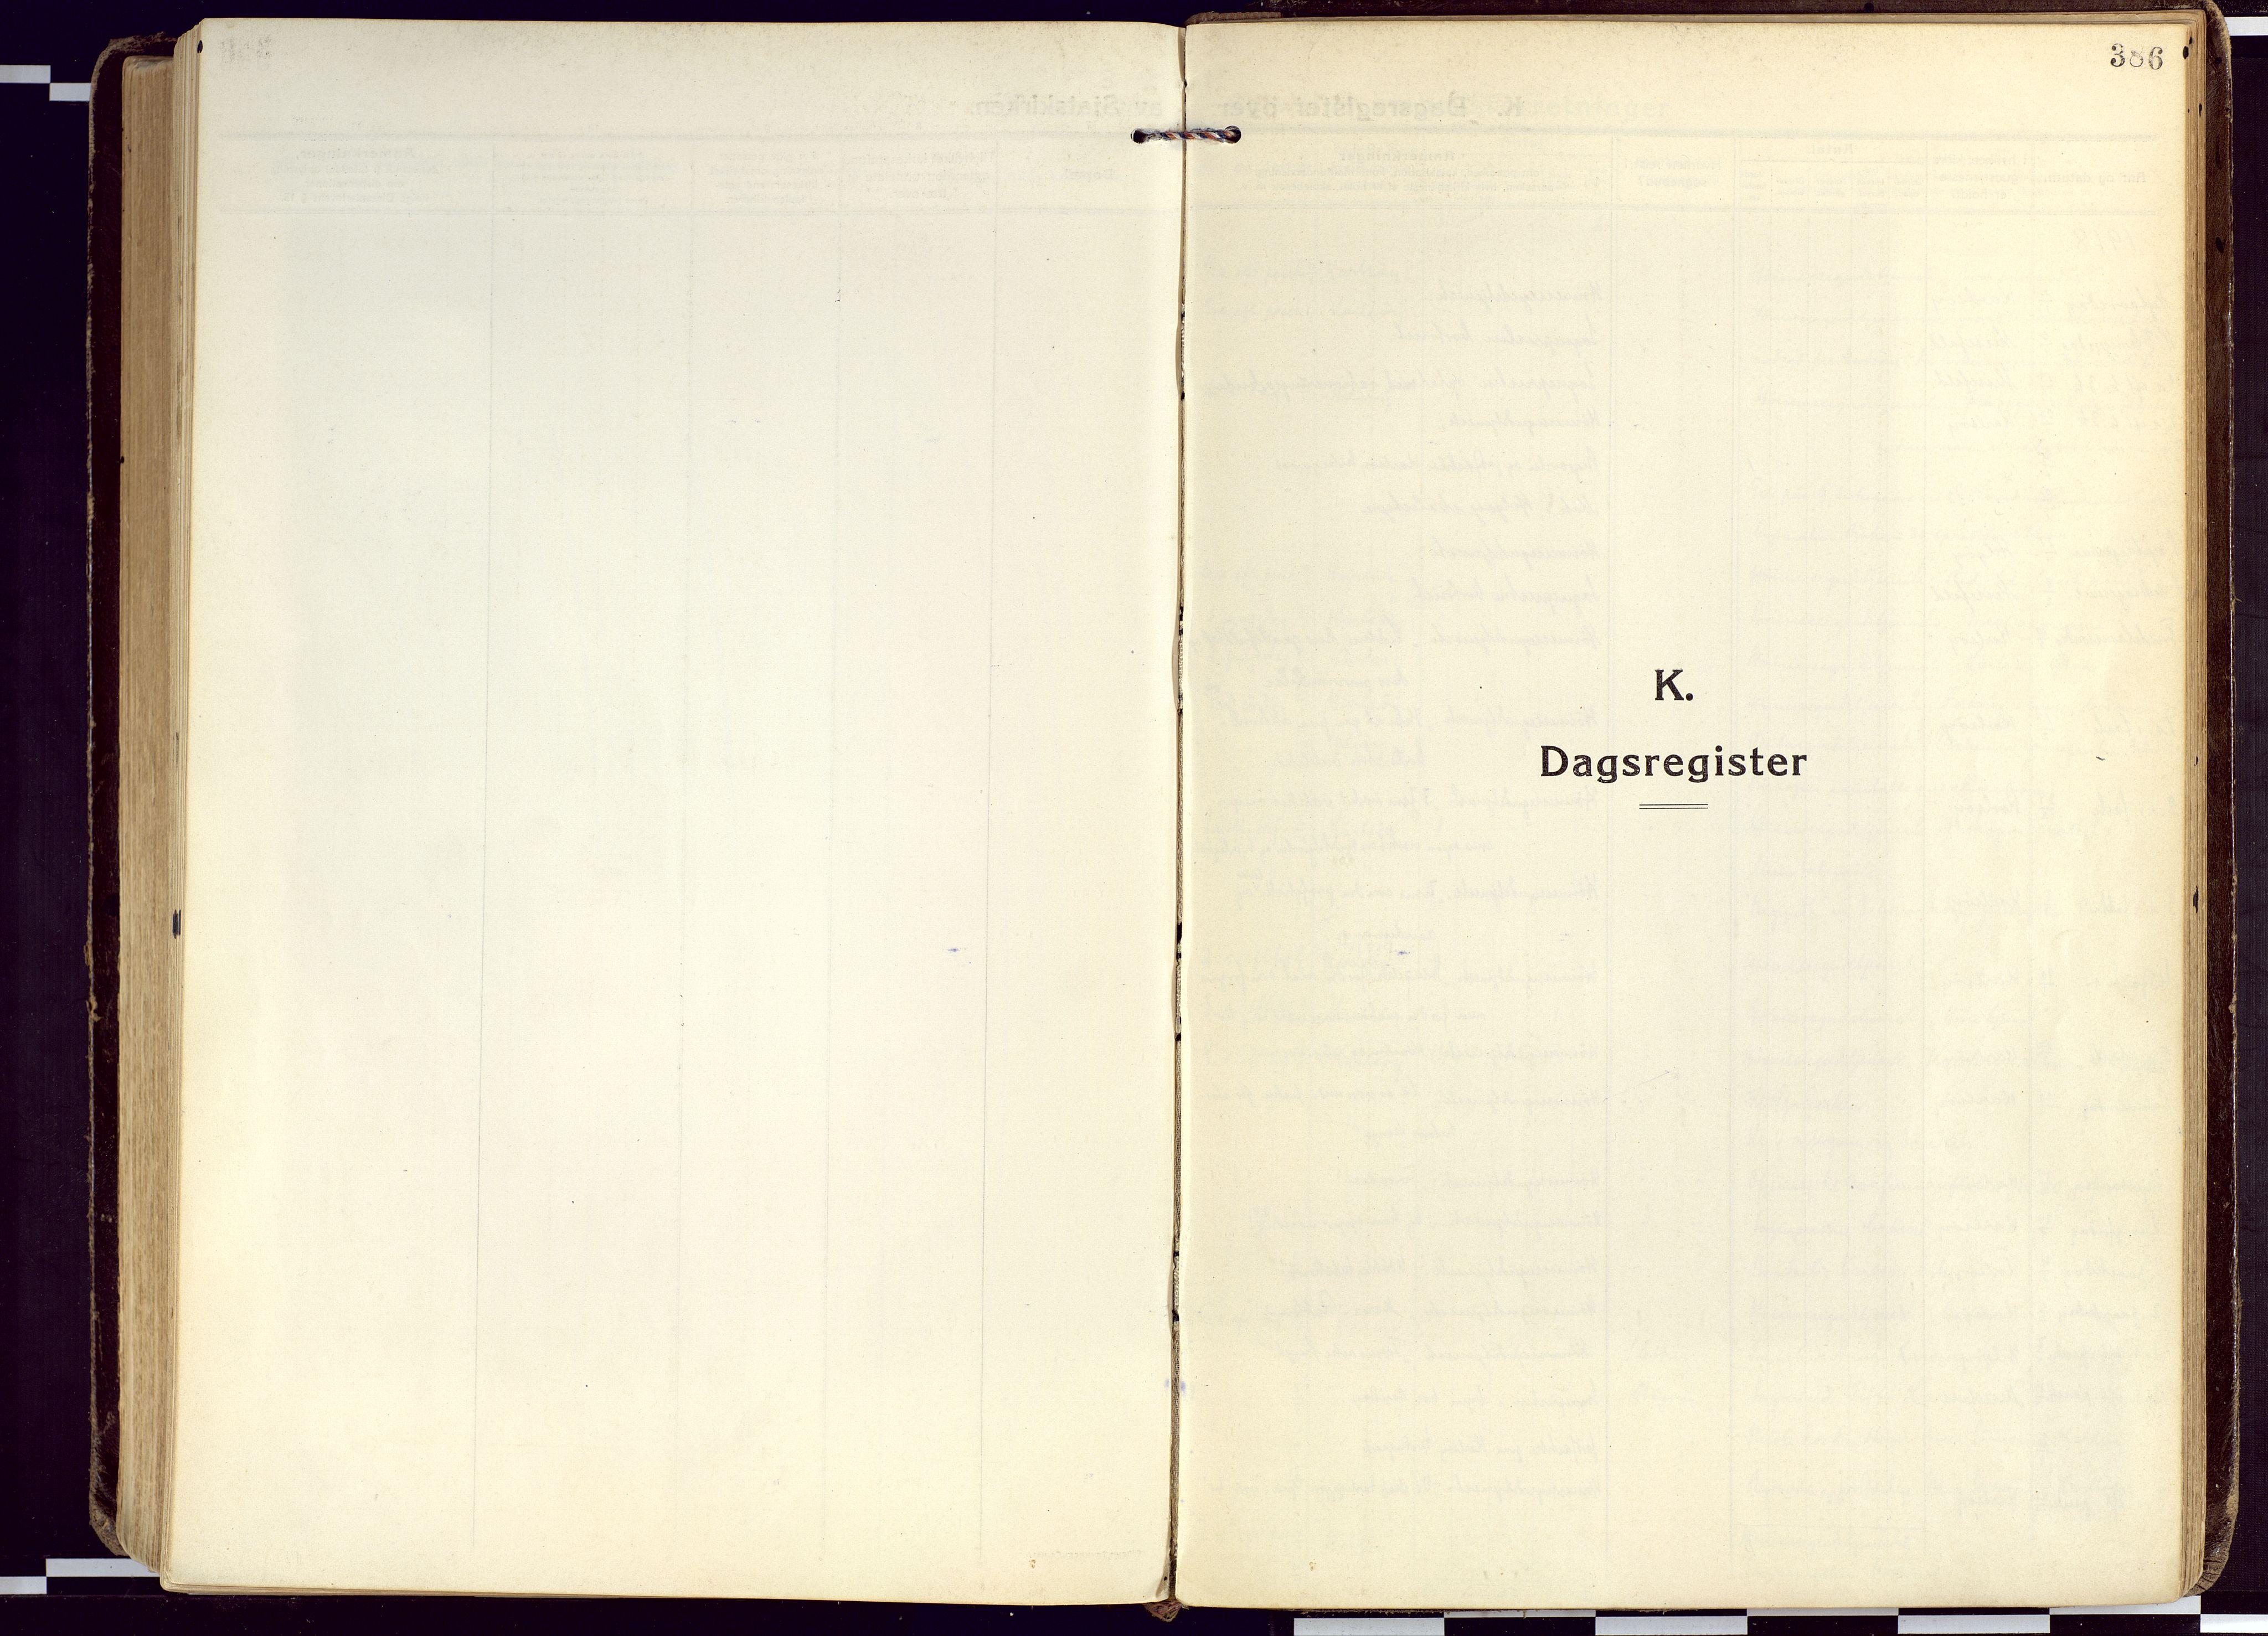 SATØ, Karlsøy sokneprestembete, Ministerialbok nr. 15, 1918-1929, s. 386